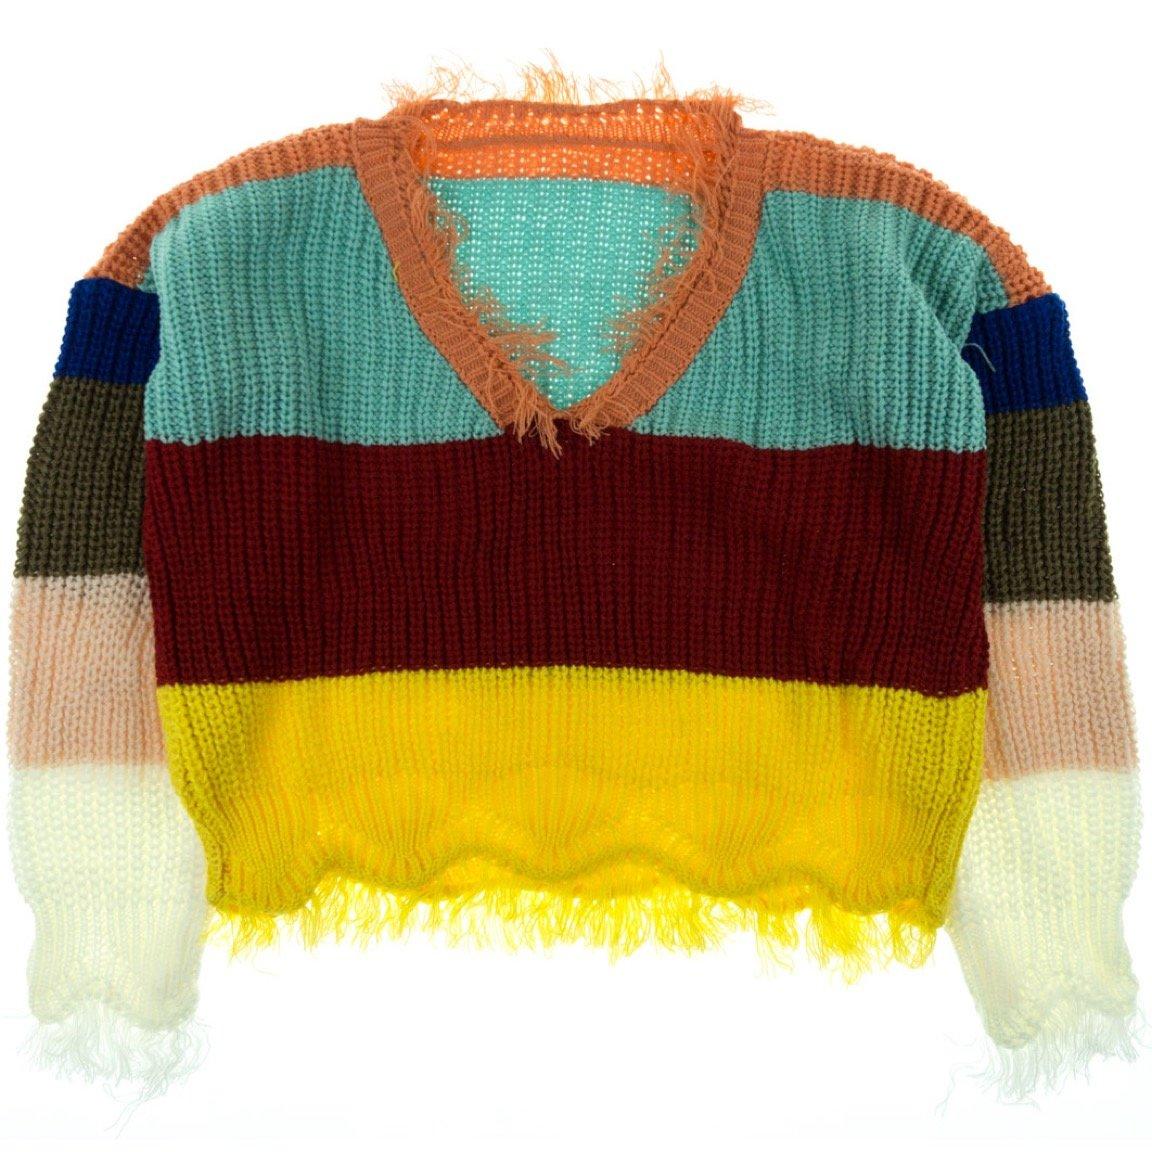 ΑΖ γυναικεία πλεκτή μπλούζα «Colorful Happiness»